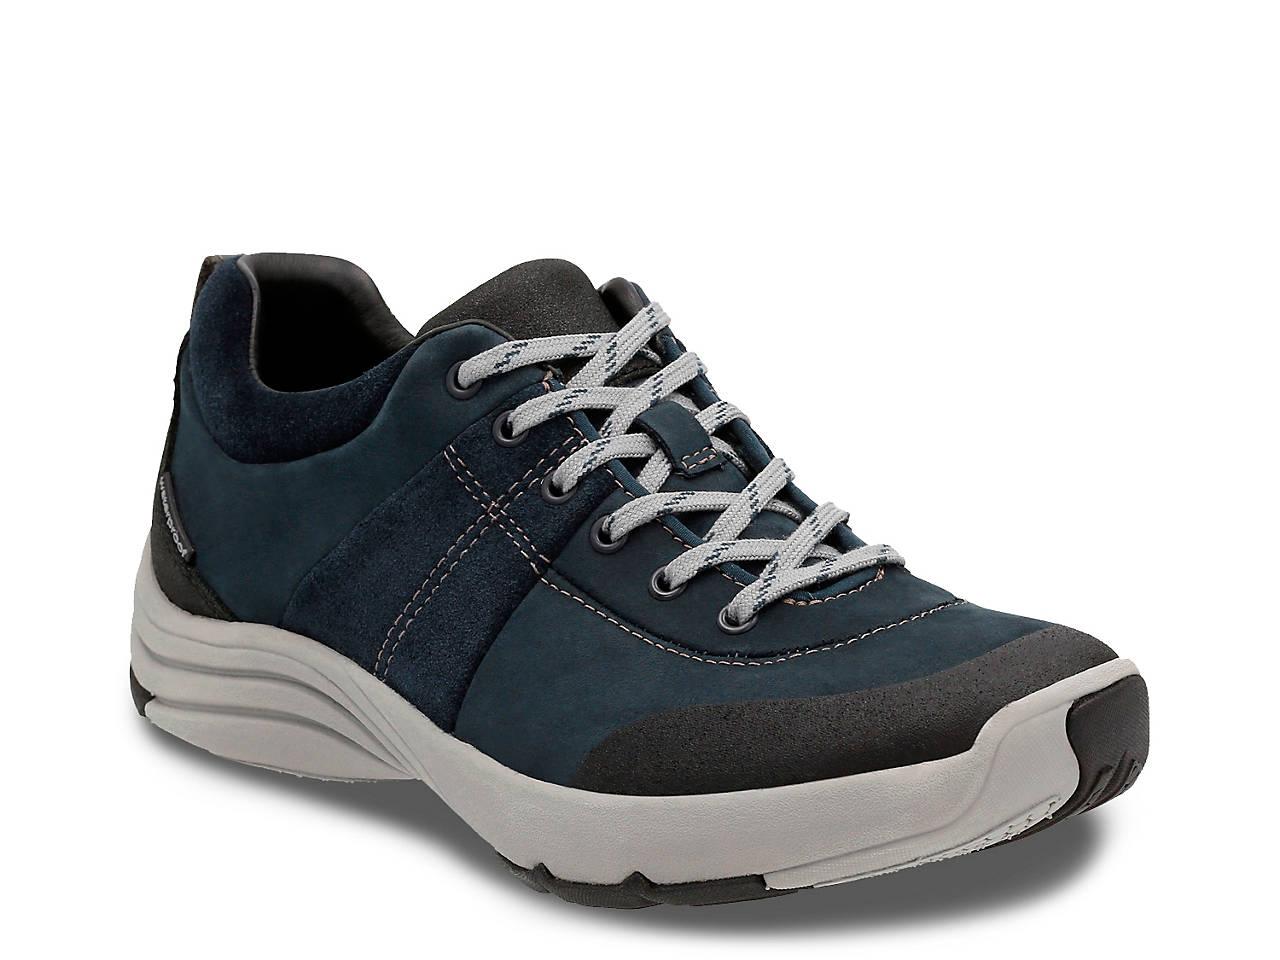 98271845050de Clarks Wave Andes Sneaker Women s Shoes